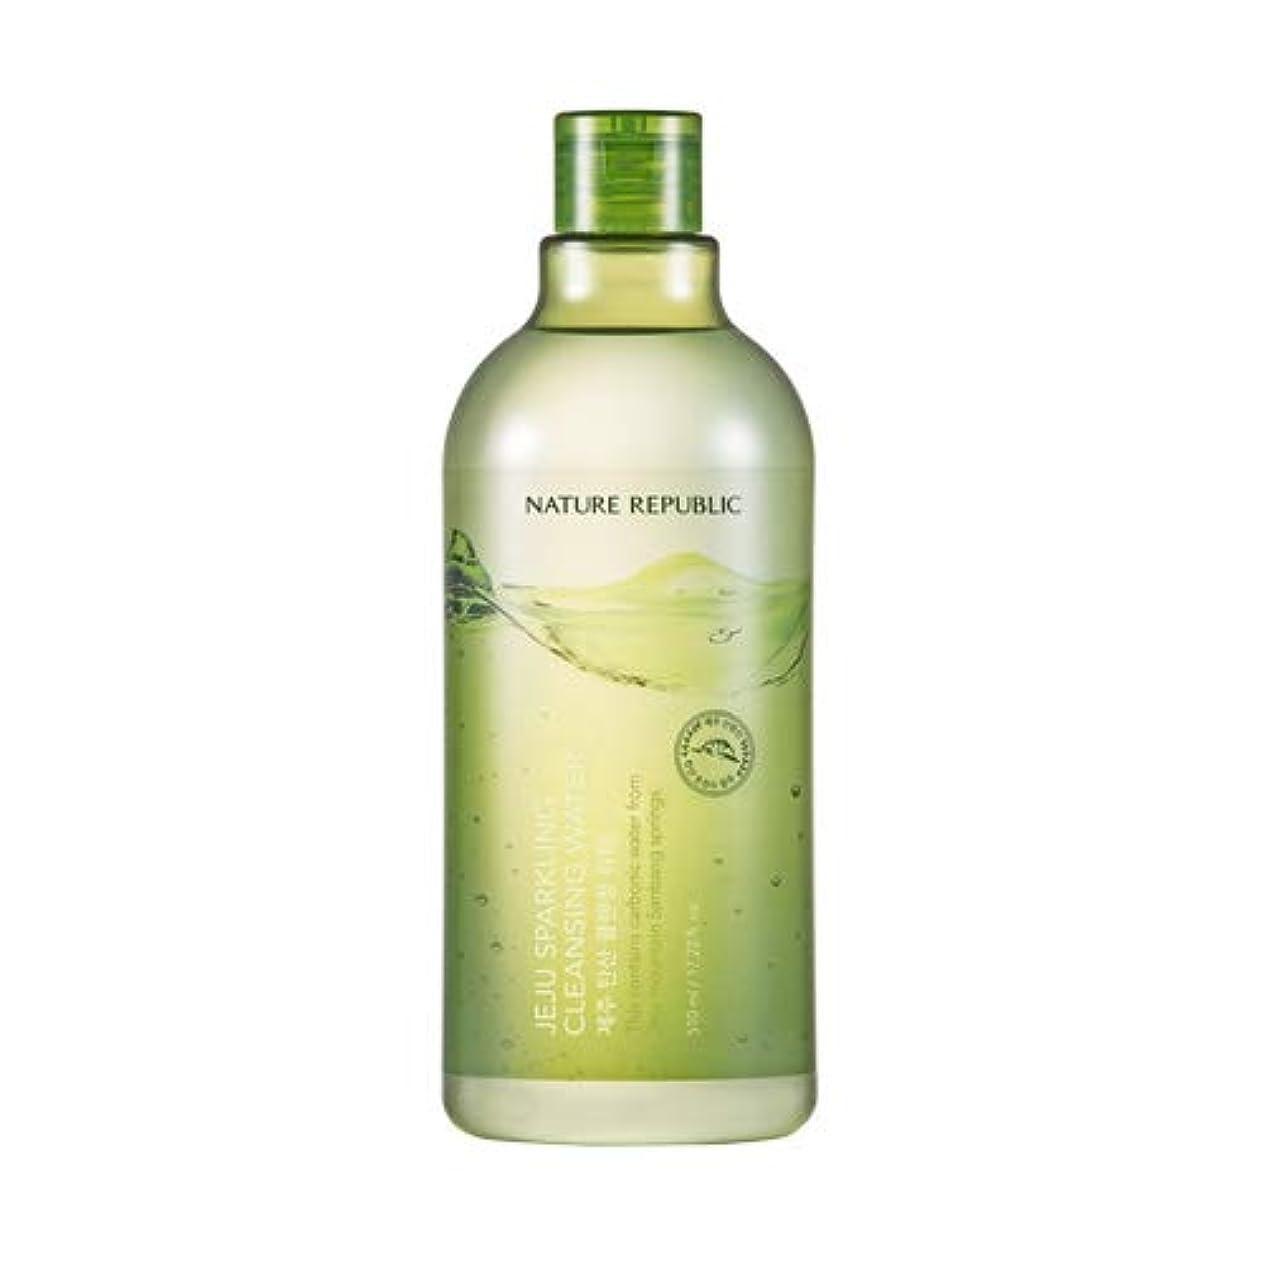 駅酸化する生物学Nature republic Jeju Sparkling(Carbonic) Cleansing Water ネイチャーリパブリック済州炭酸クレンジングウォーター 510ml [並行輸入品]